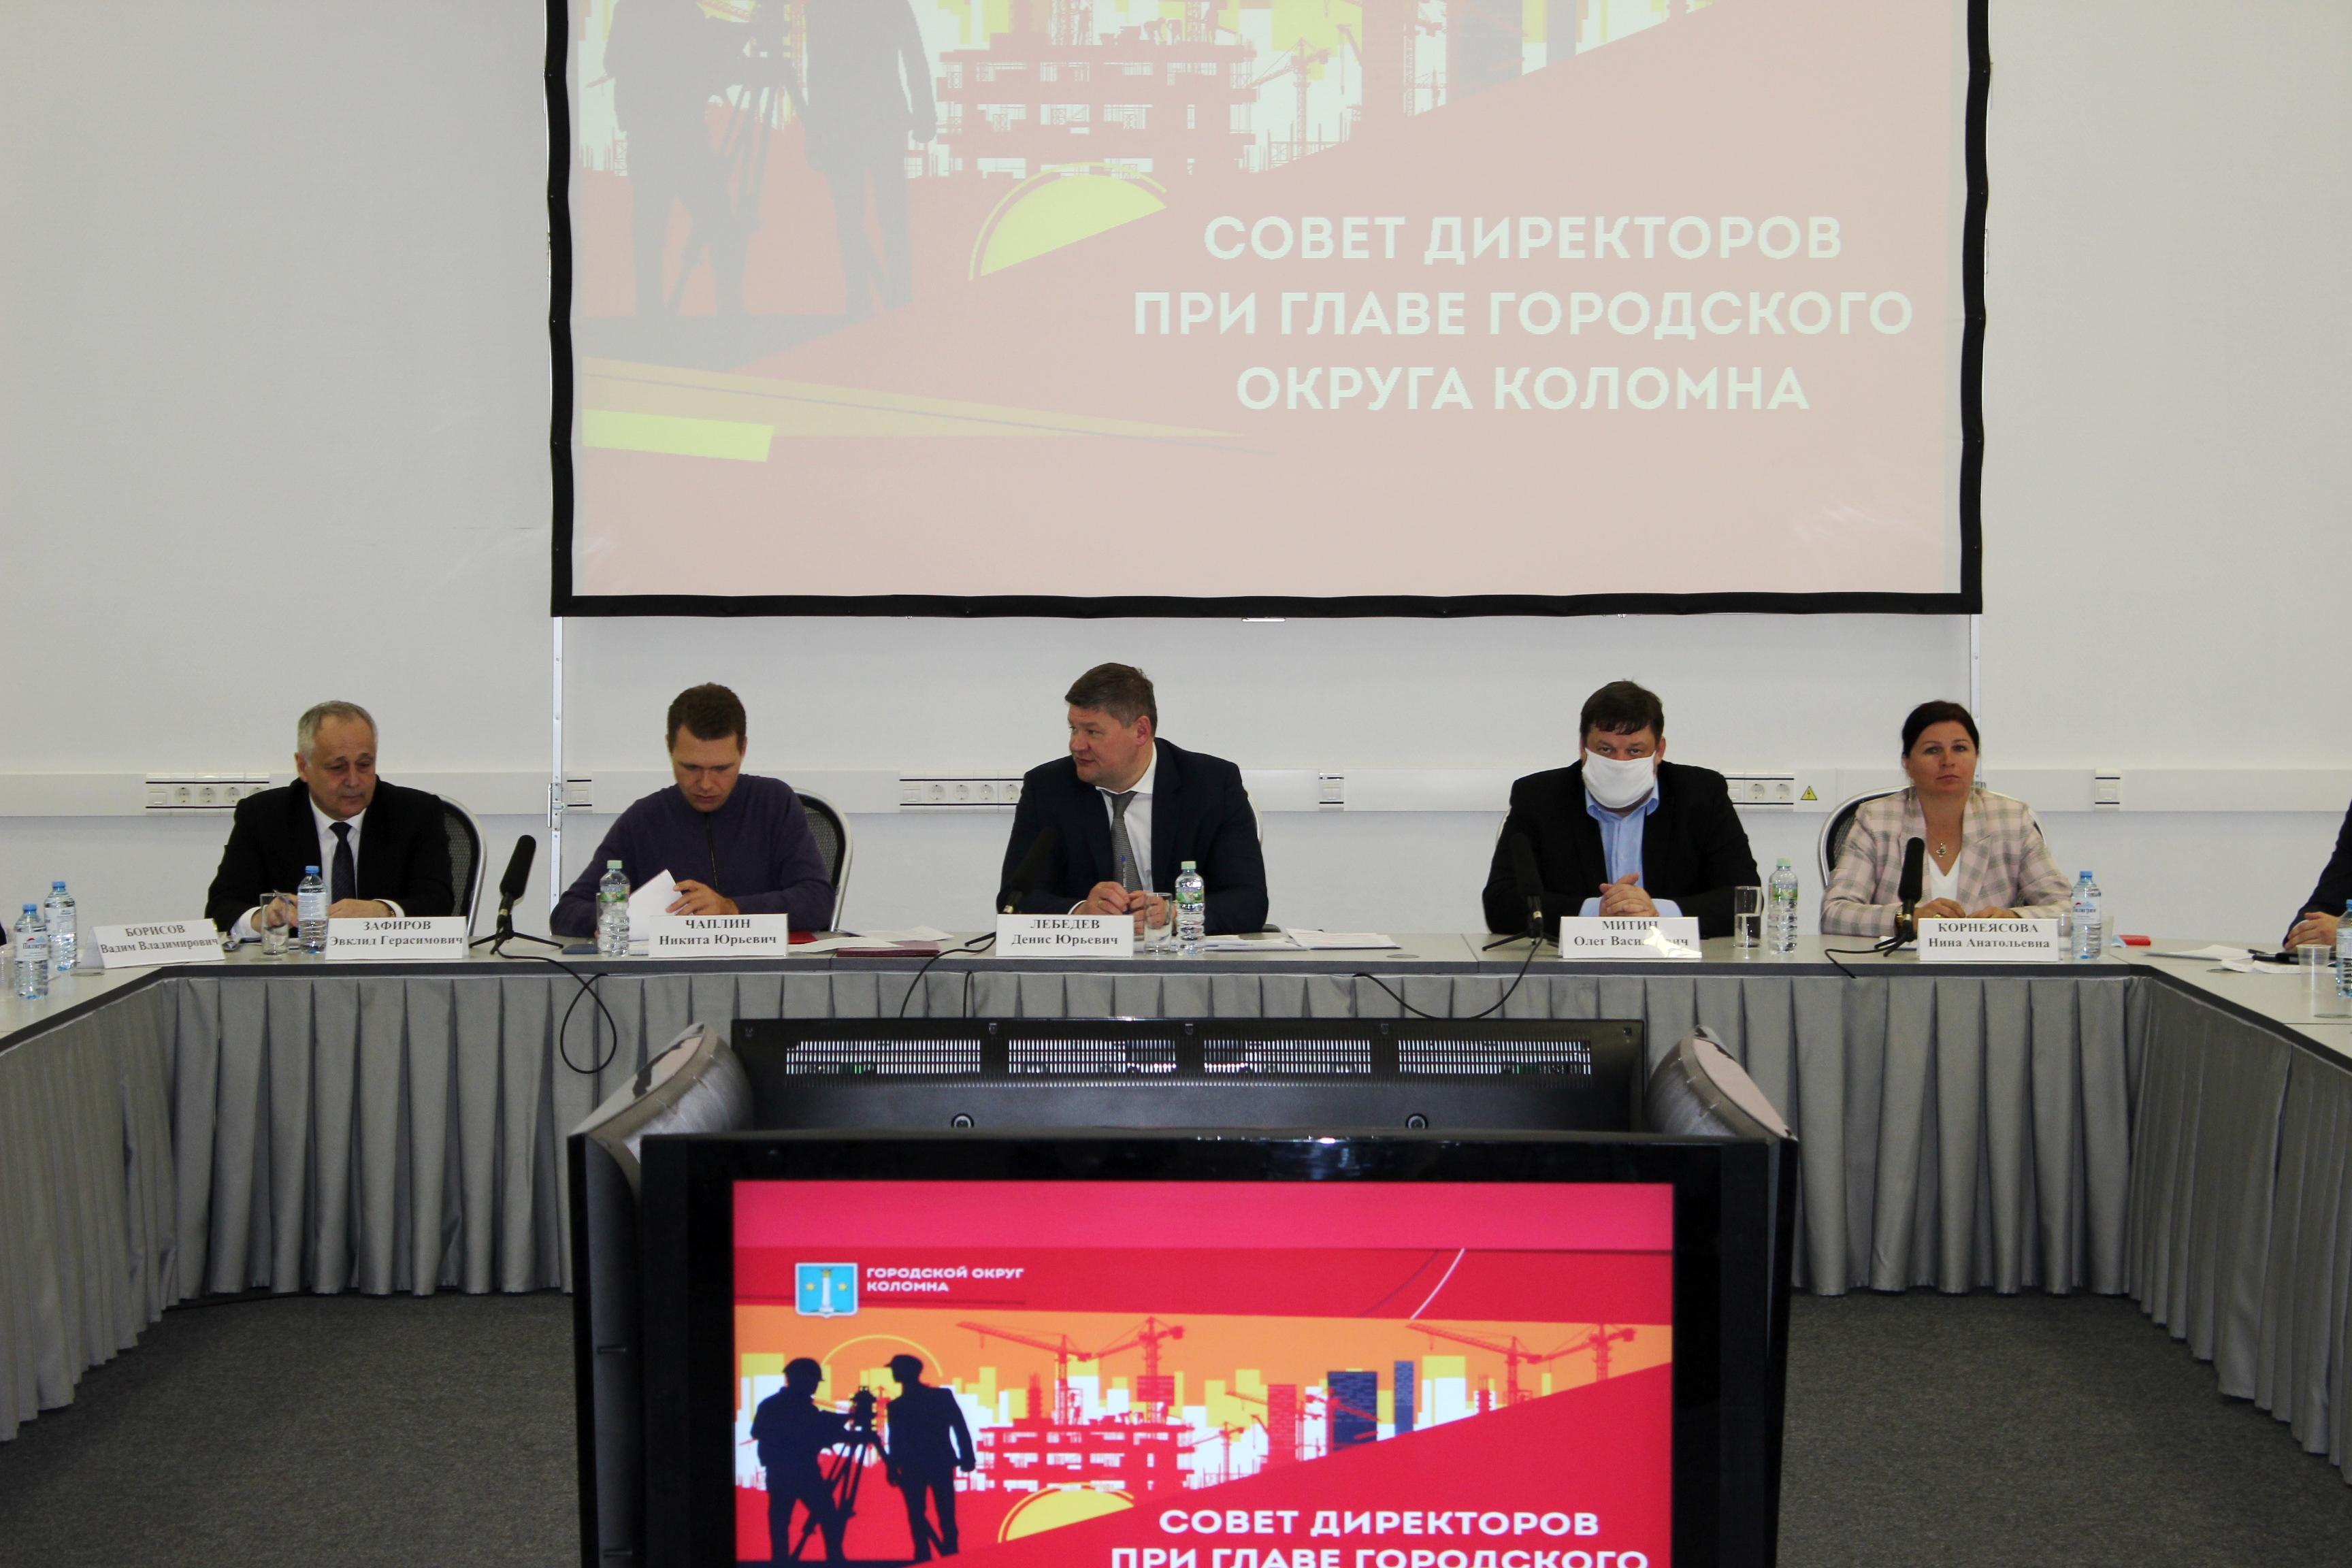 В Коломне прошло заседание Совета Директоров